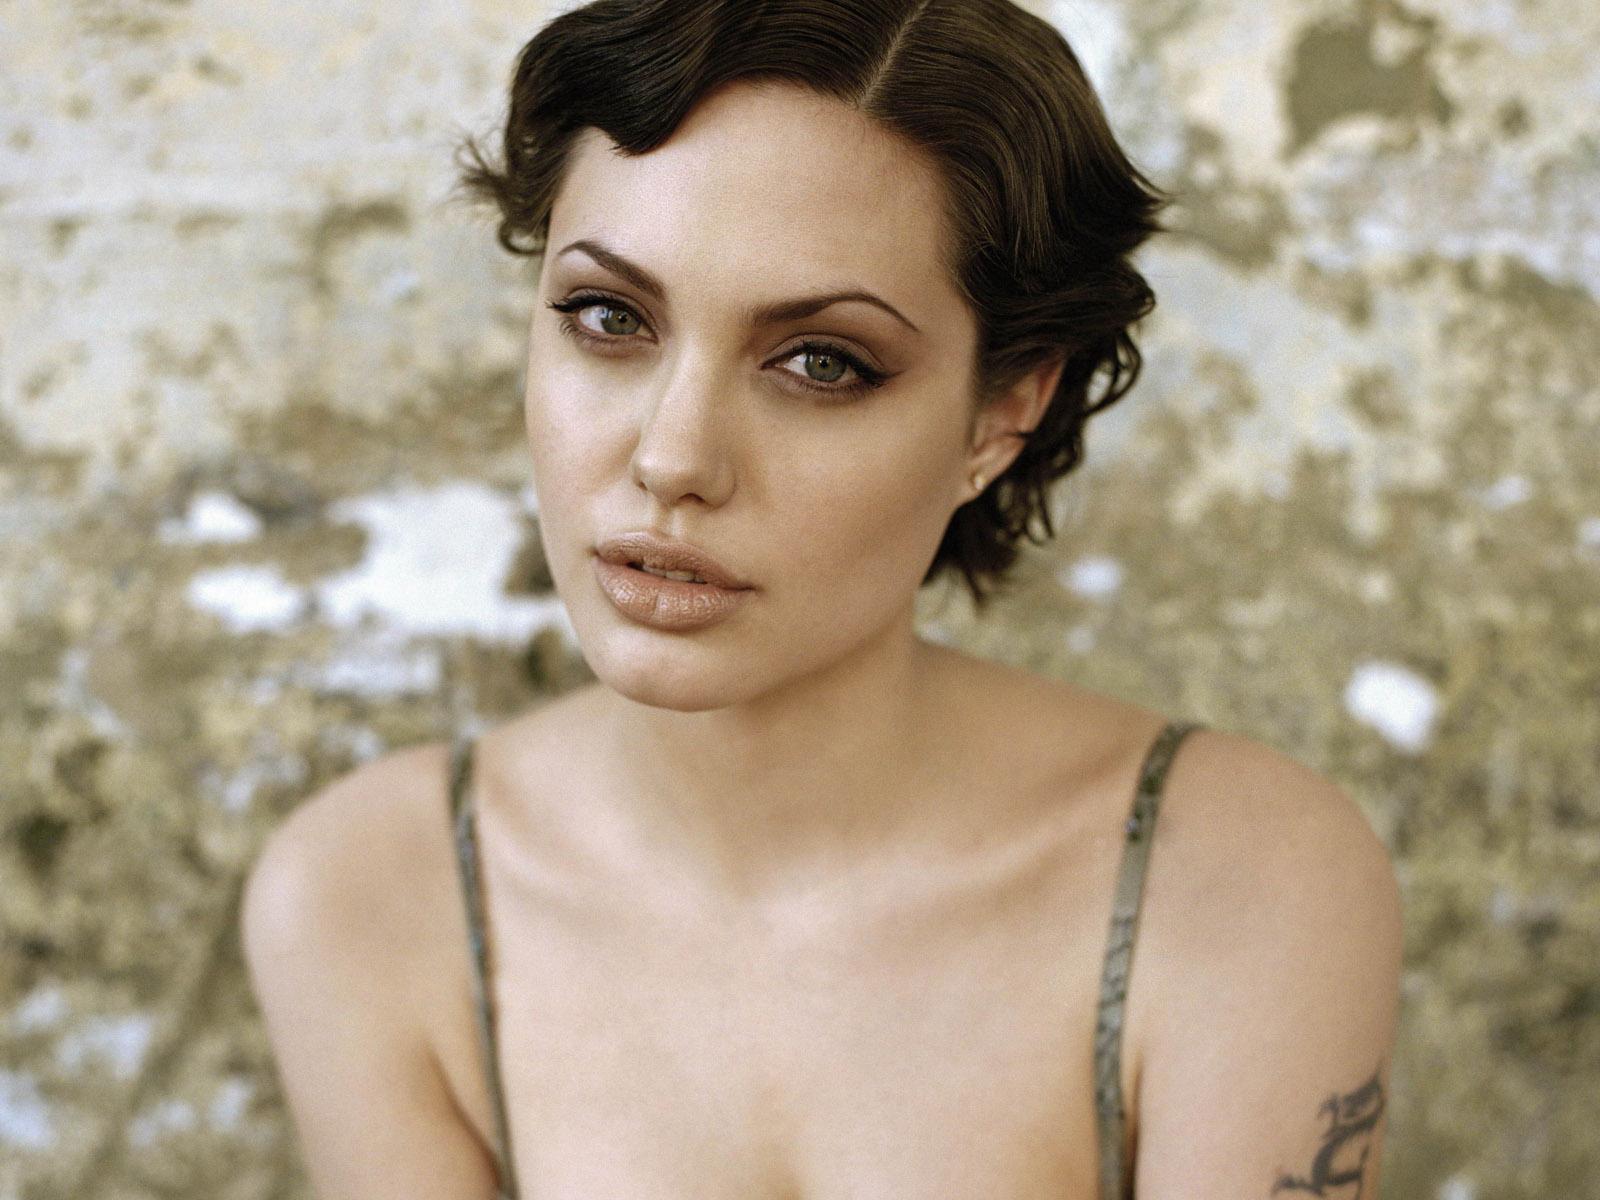 http://1.bp.blogspot.com/-jnpaQESLimk/T0SPAxF37SI/AAAAAAAAAGs/5vFkqrYxf8w/s1600/Angelina%2BJolie%2B2.jpg